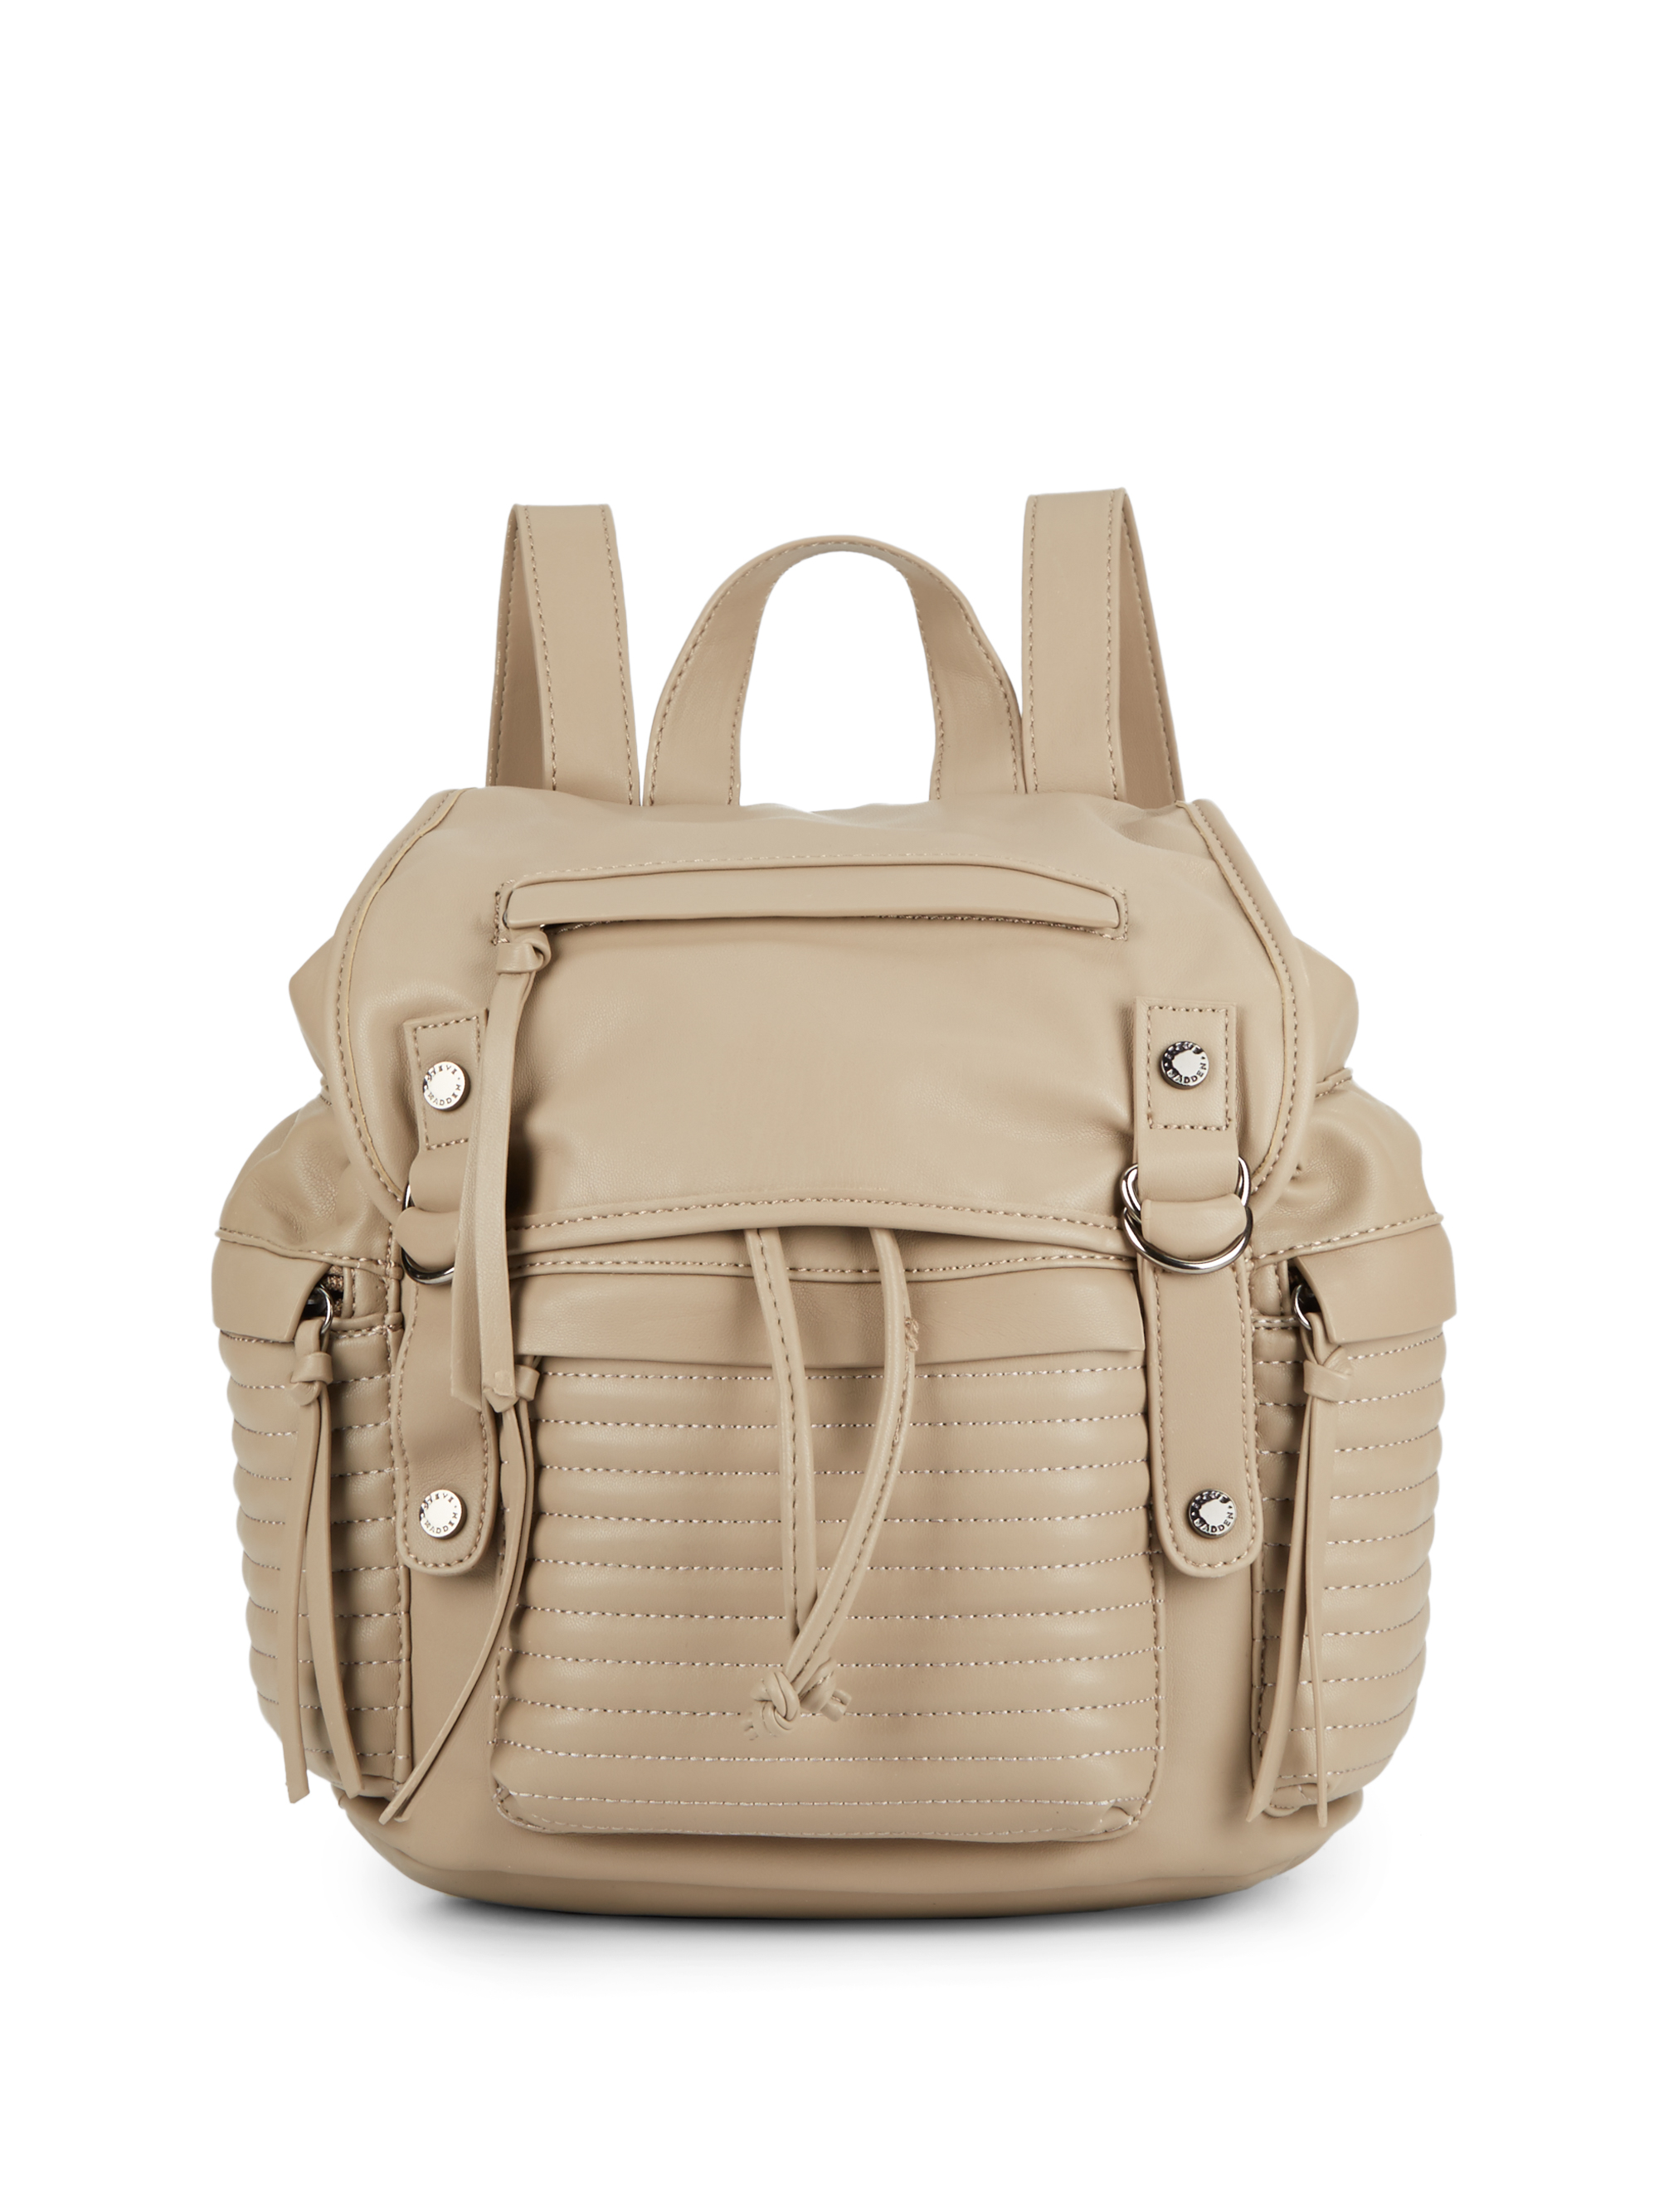 Handbags-047.JPG